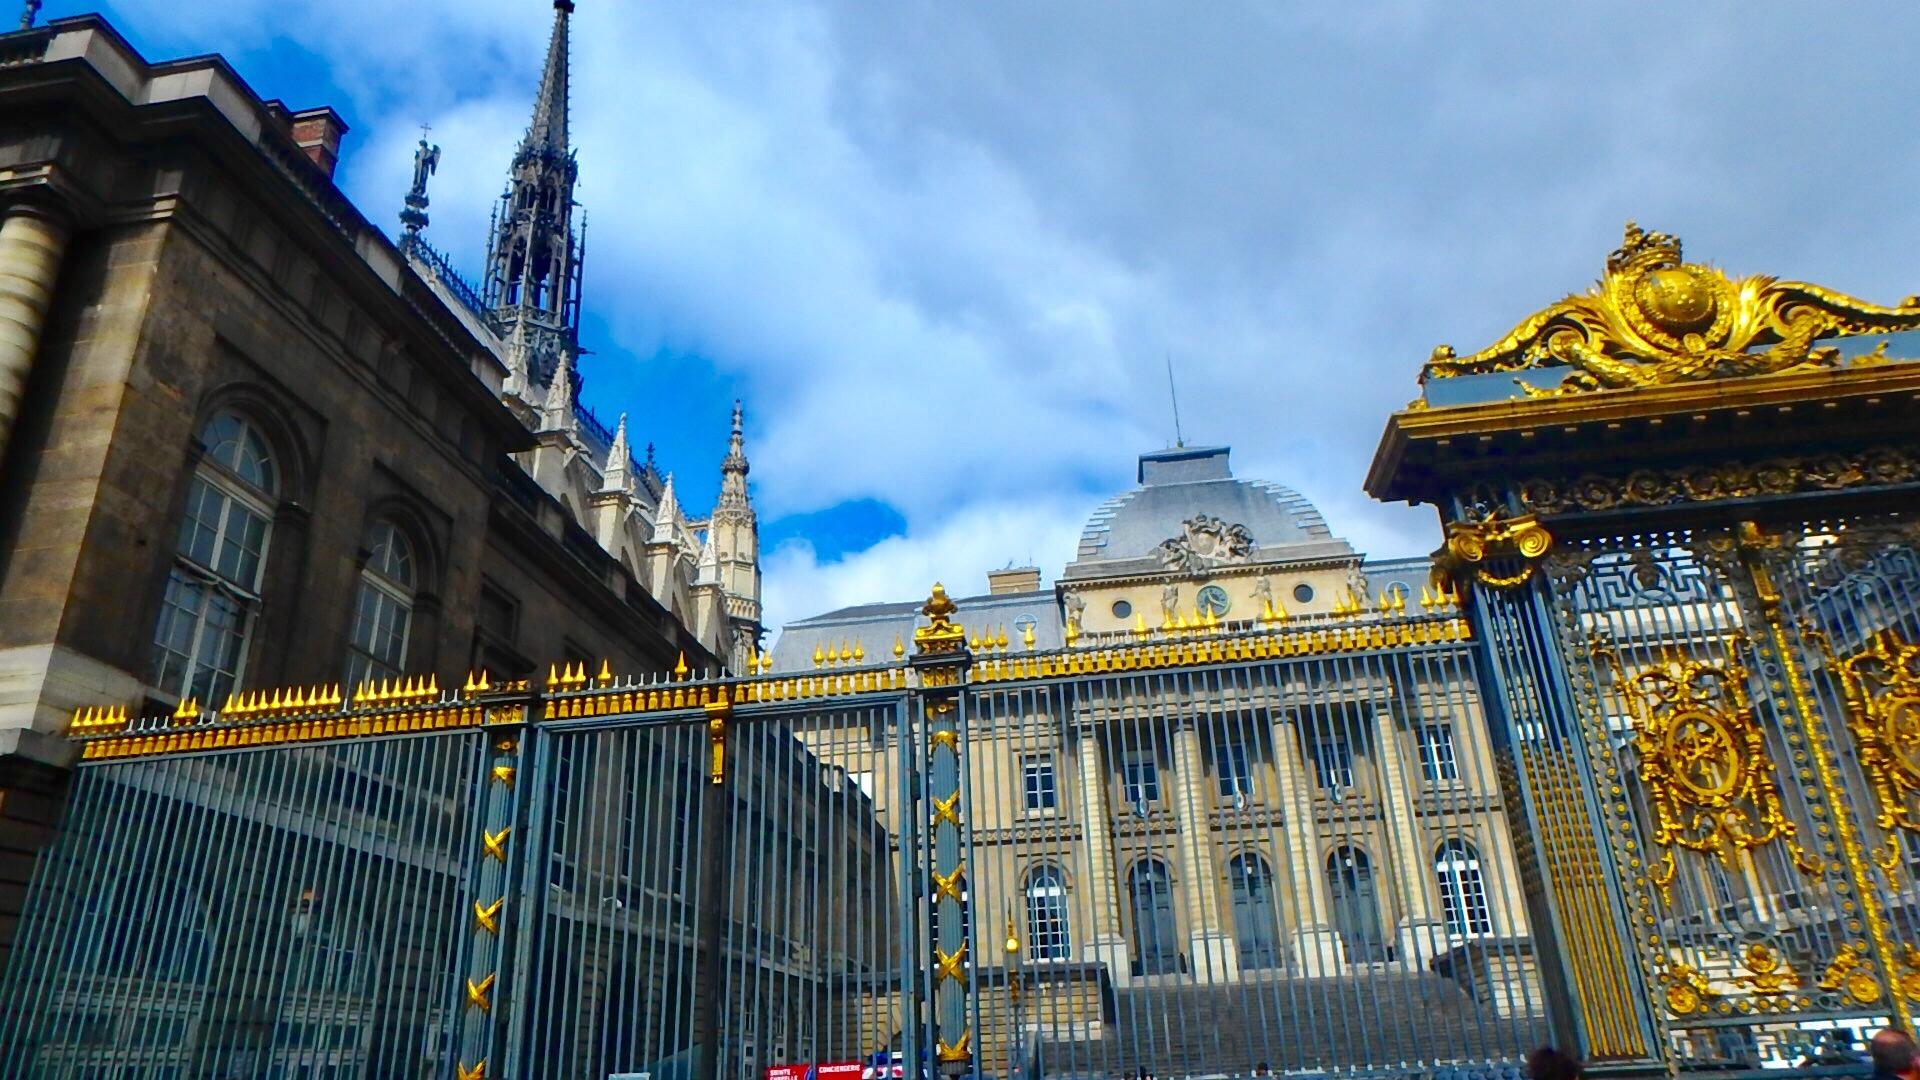 パリのサント・シャペル教会は裁判所の敷地内